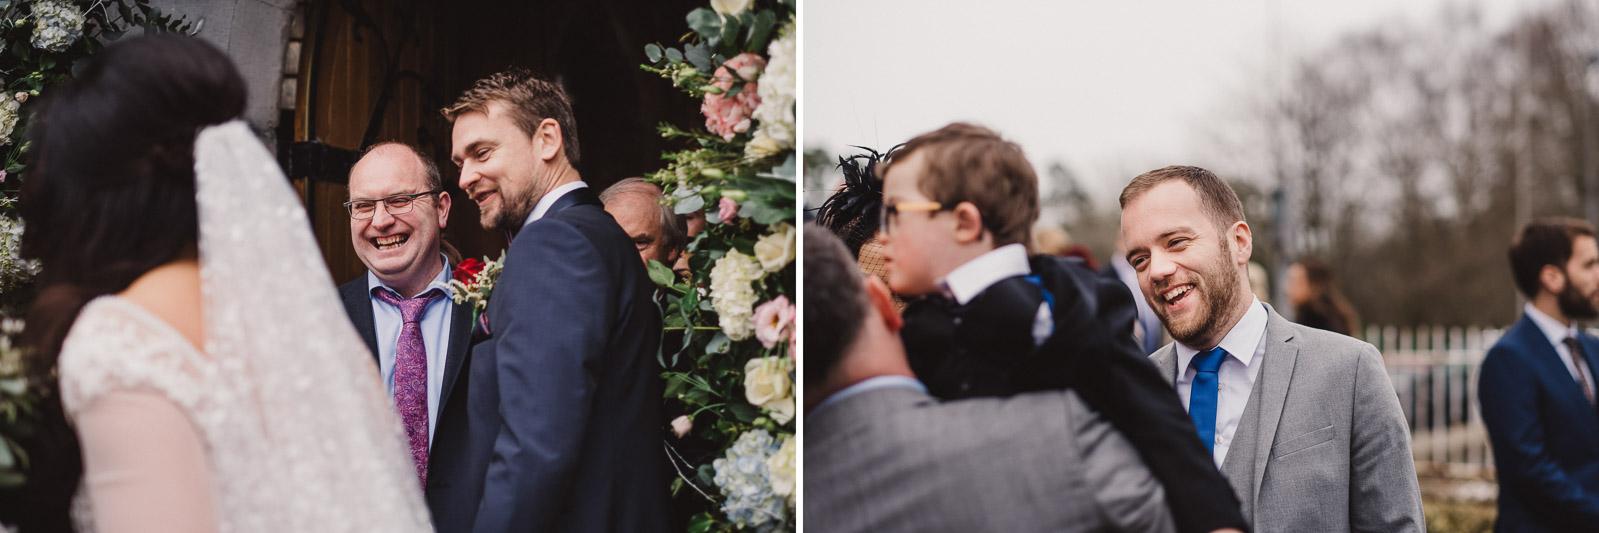 Adare_Manor_Wedding_Photos-65